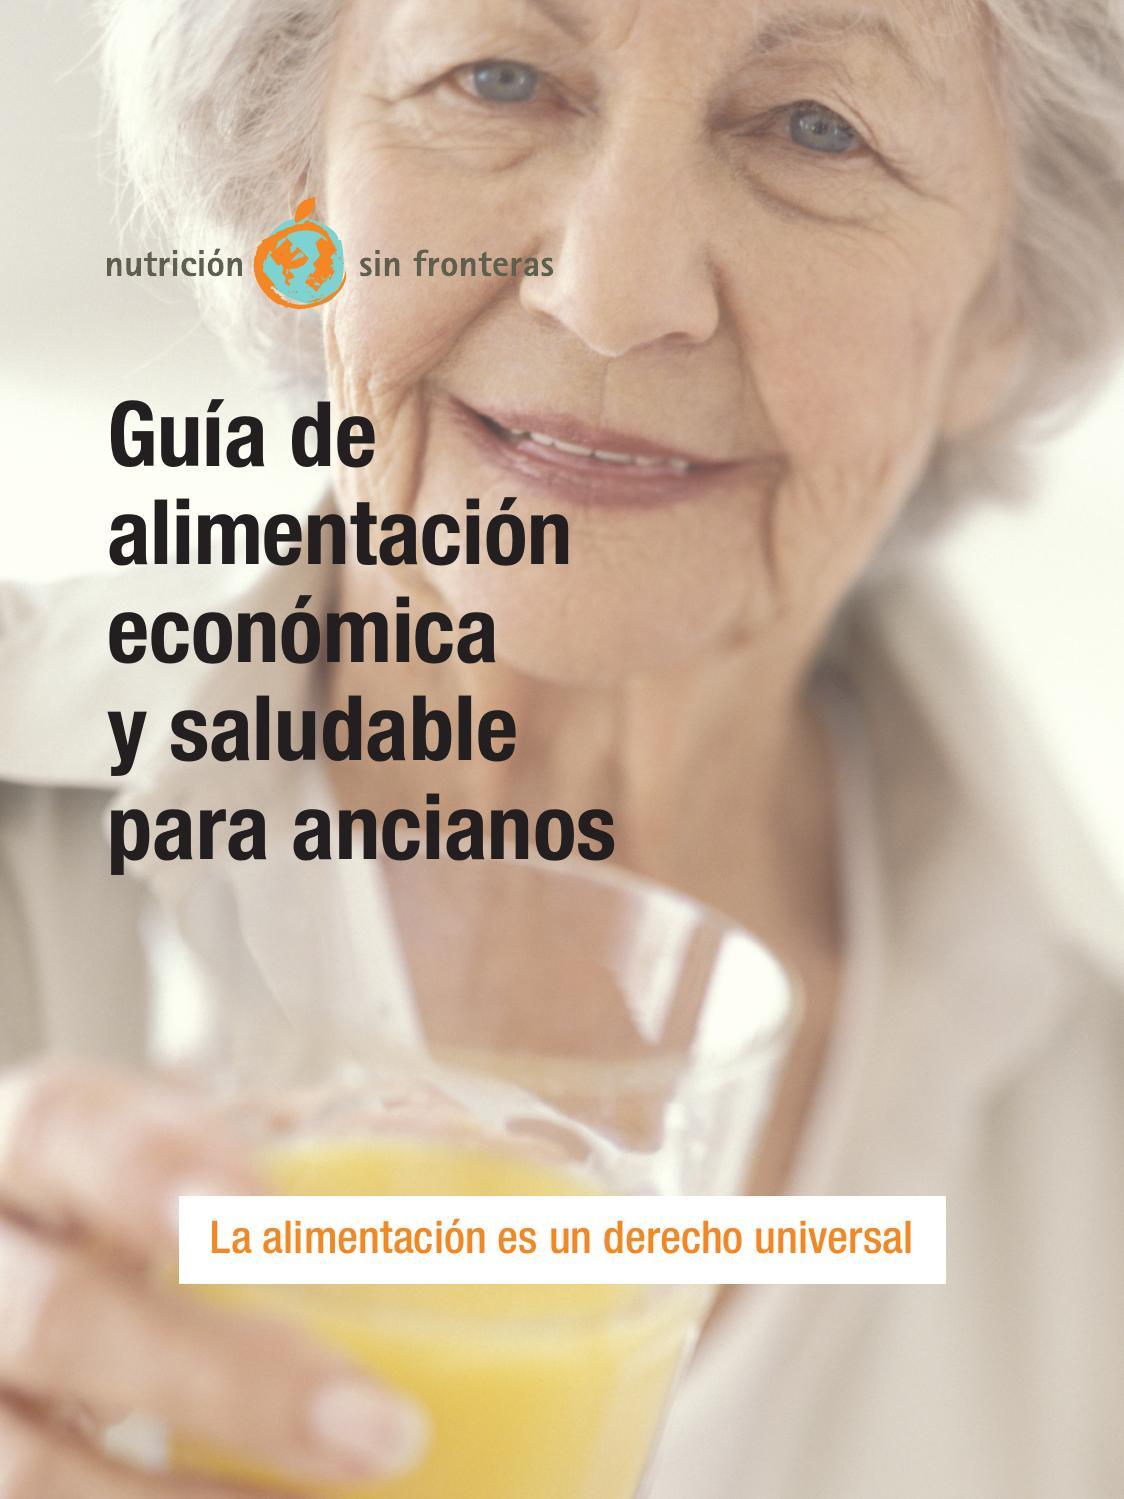 Gu a de alimentaci n econ mica y saludable para ancianos for Cocinar para 40 personas